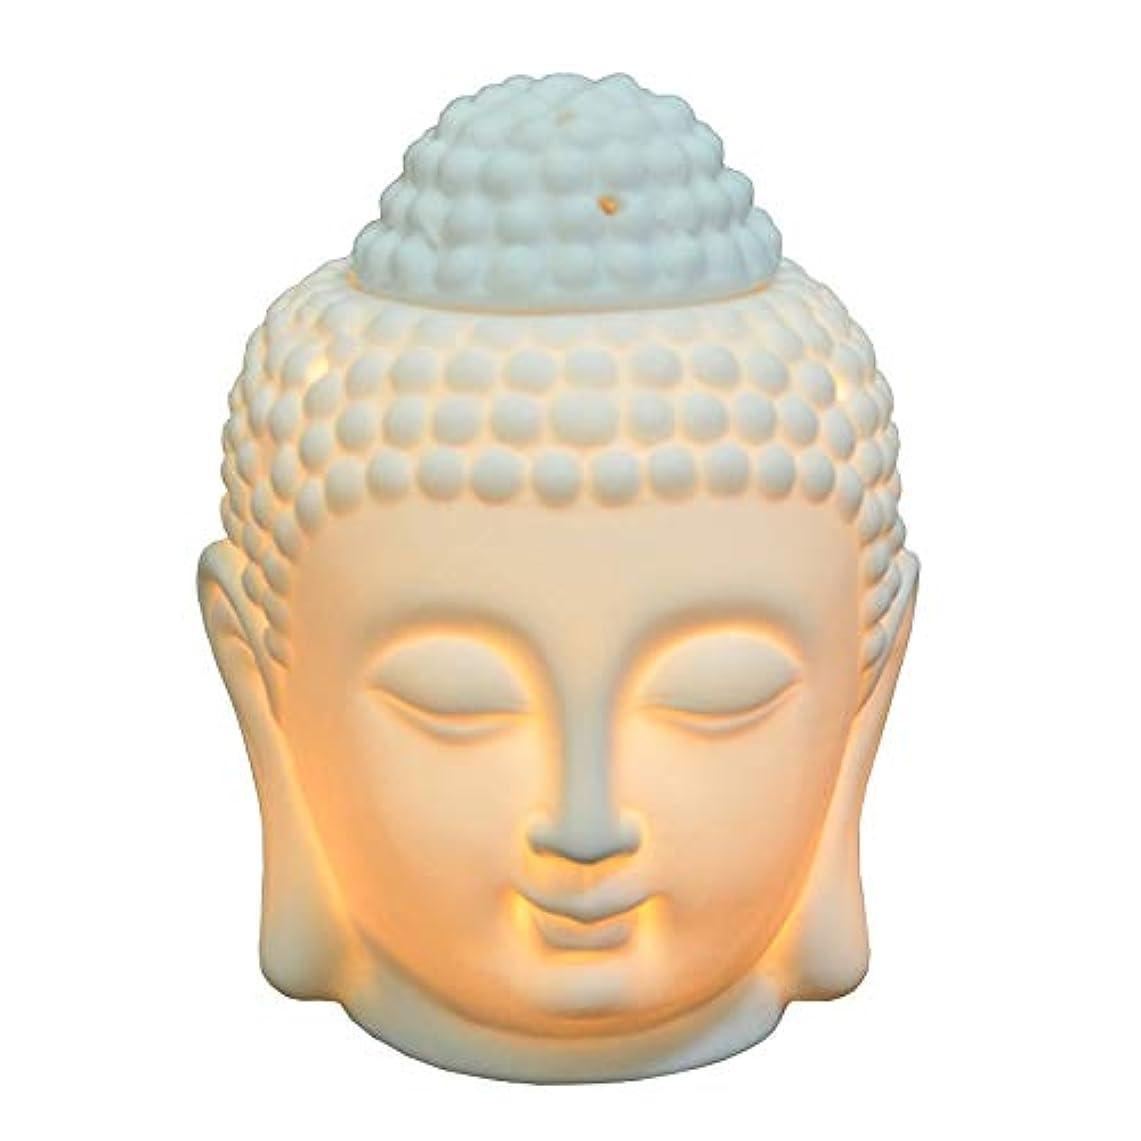 ひそかに受け入れるさまよう仏頭像オイルバーナー半透明セラミックアロマディフューザー家の装飾